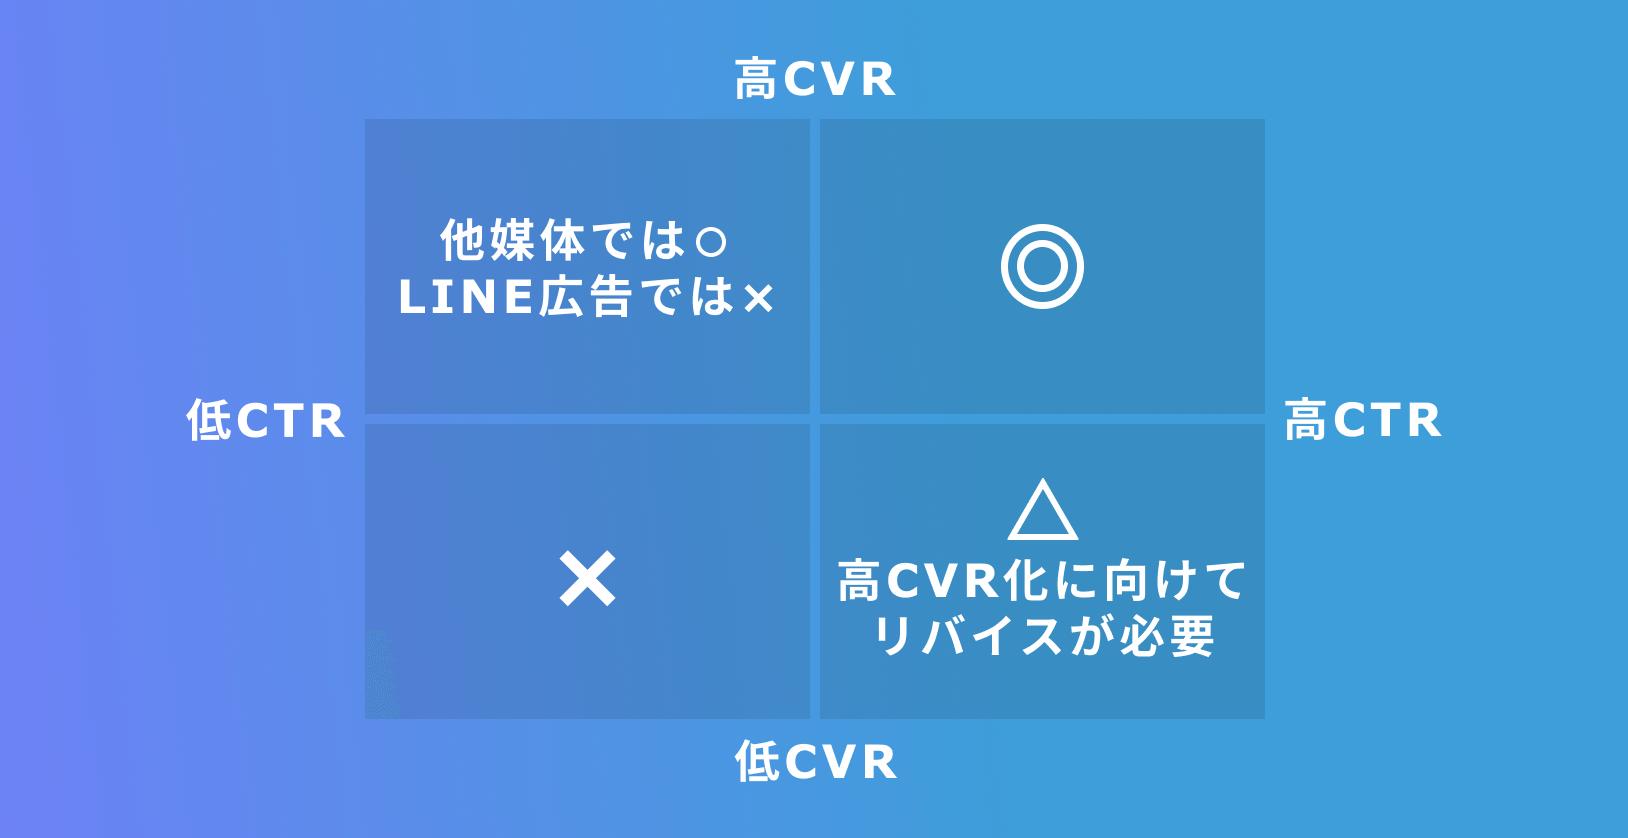 LINE広告におけるCTRの重要性